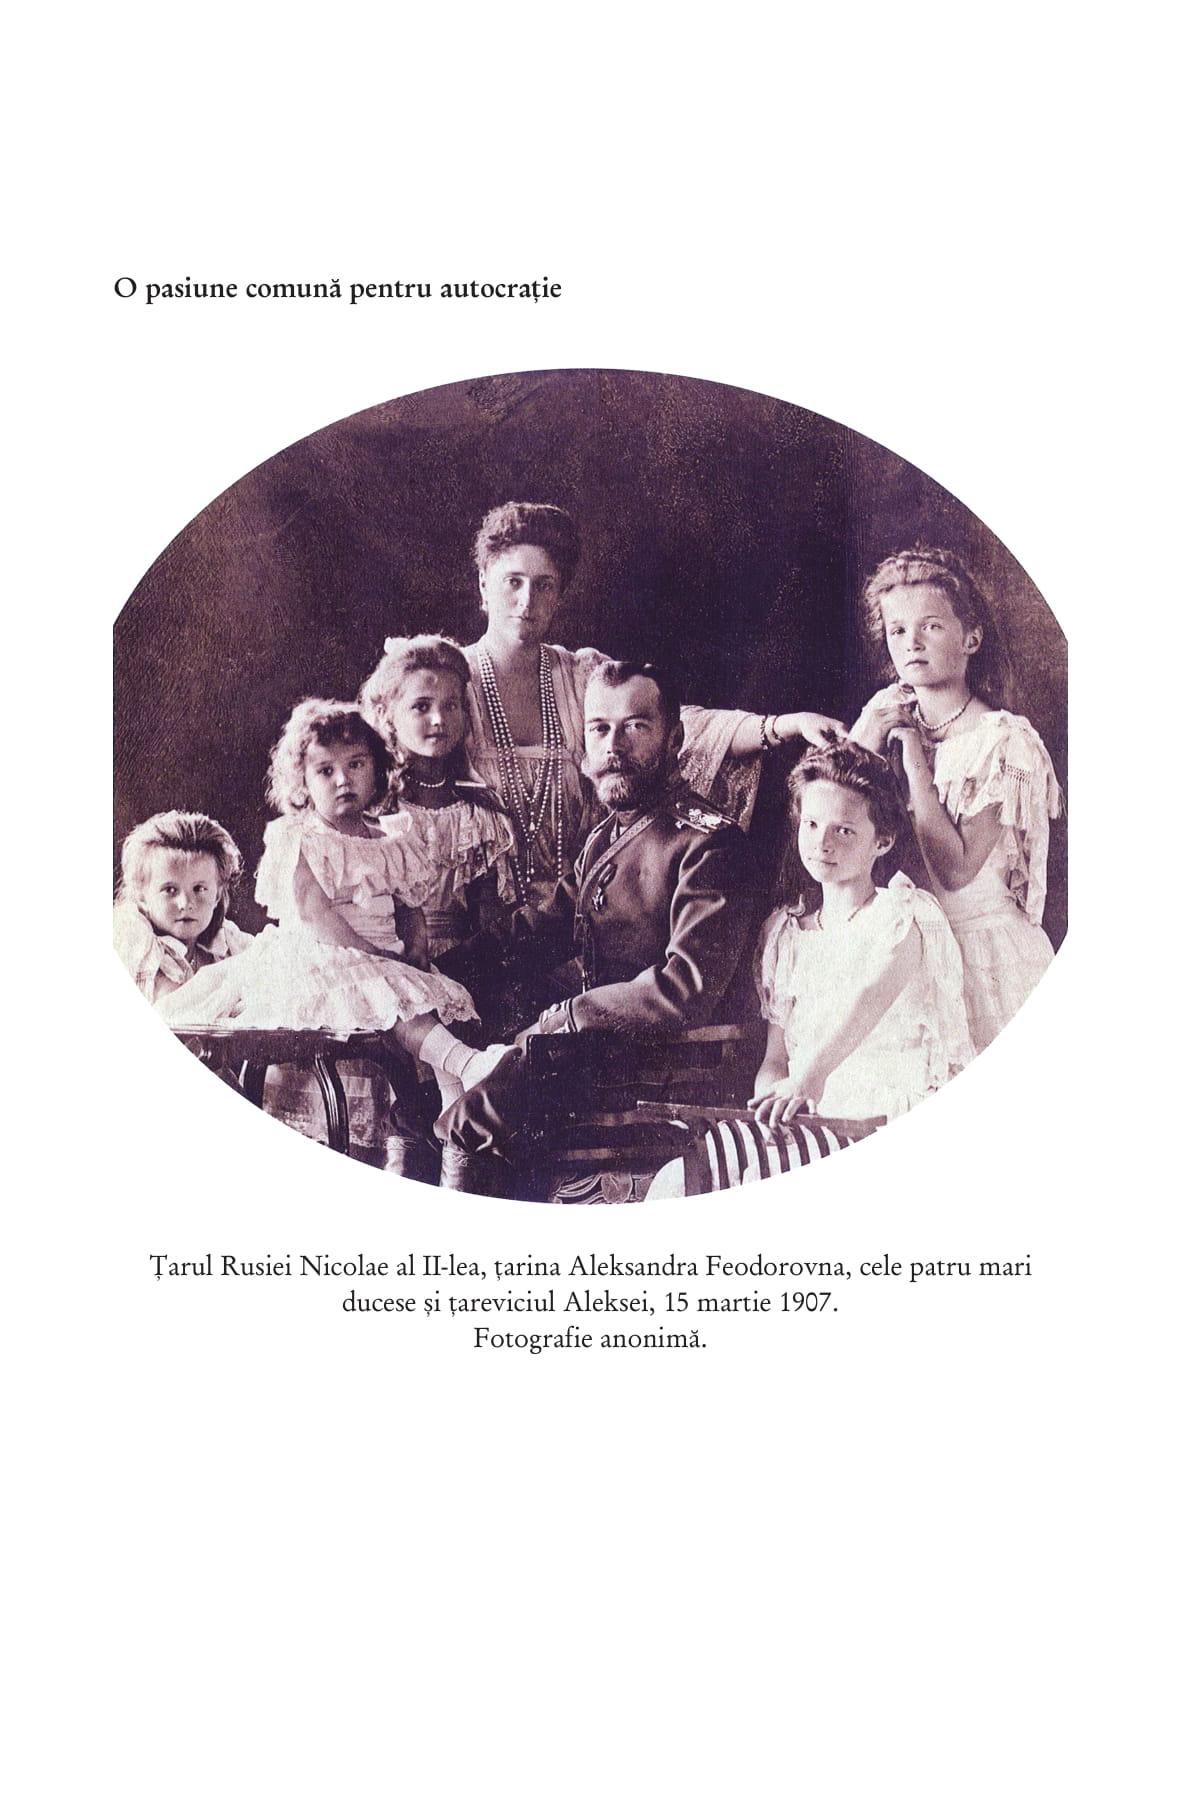 P8 Istoria cuplurilor regale-1